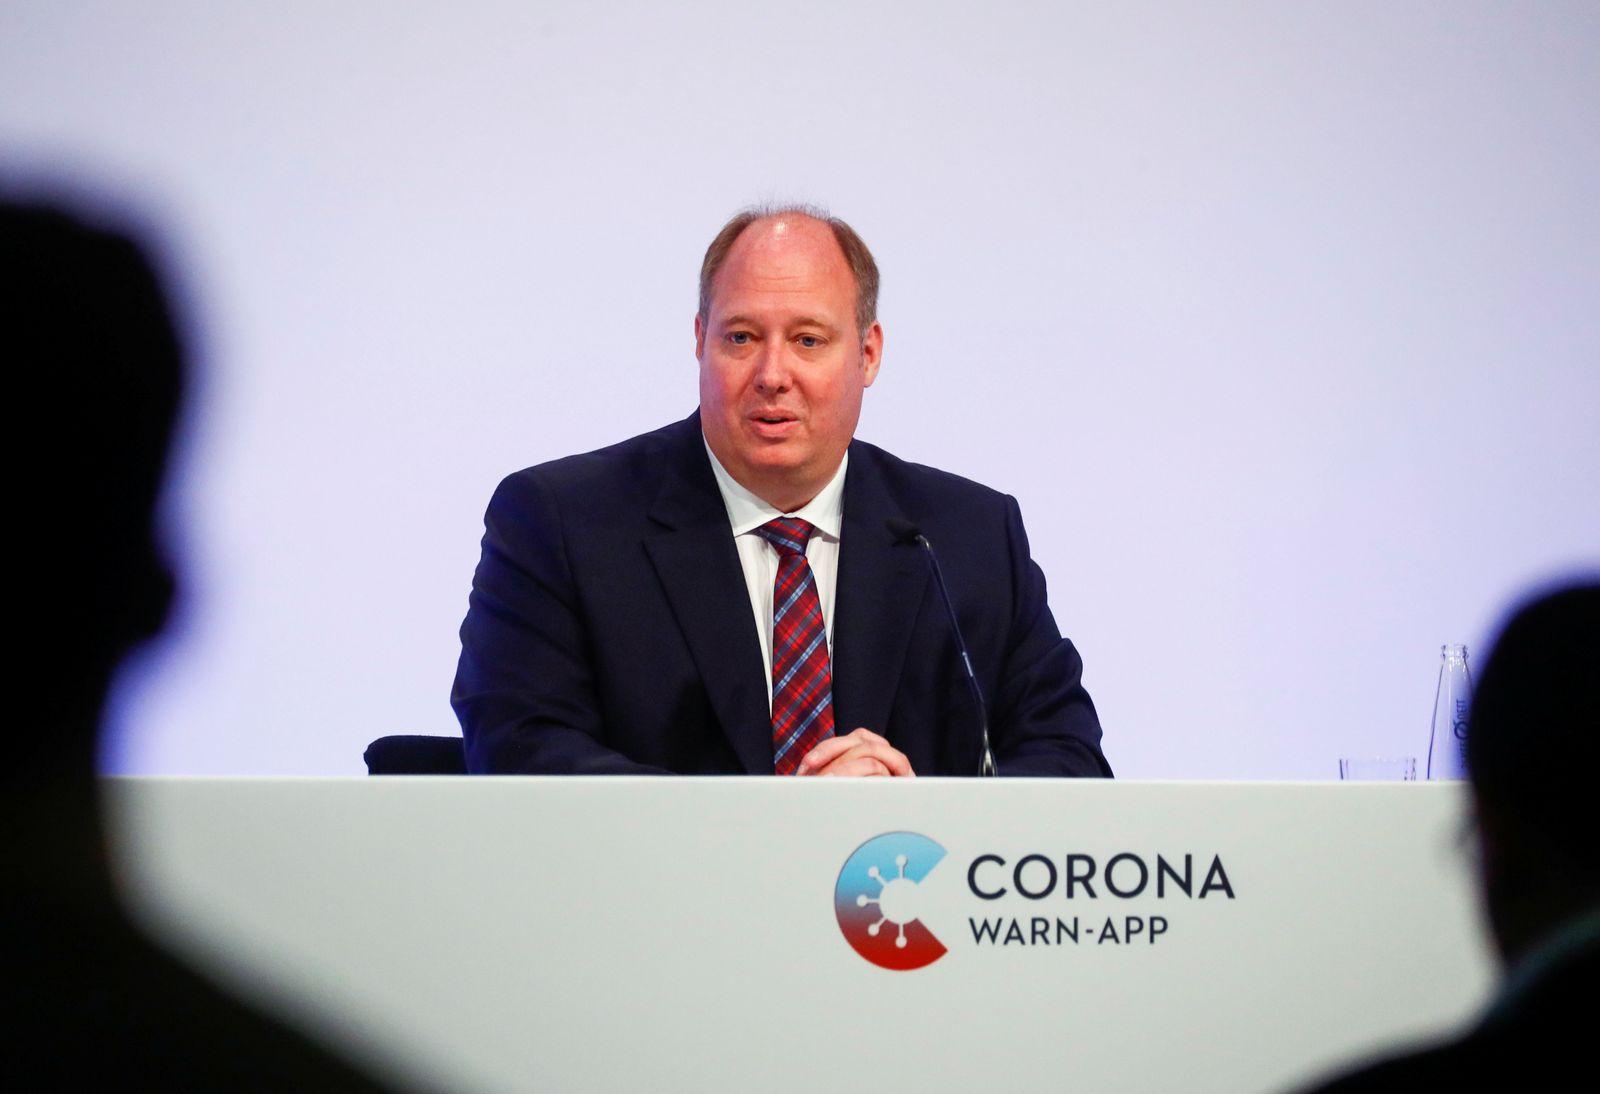 Coronavirus - Vorstellung der Corona-Warn-App